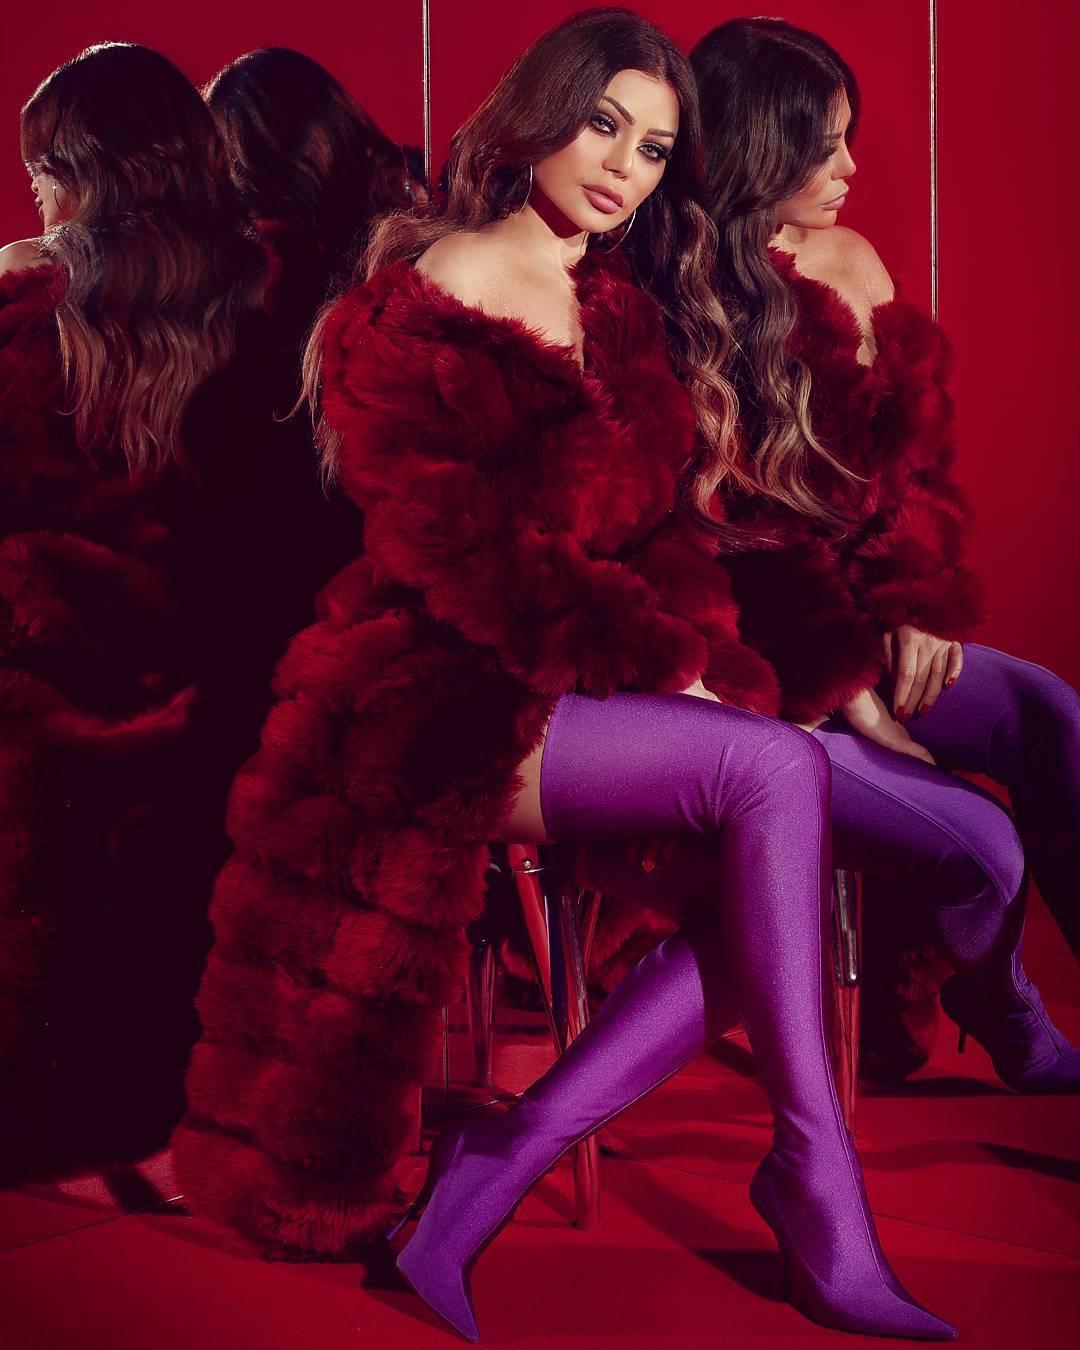 Pictures of Lebanese singer Haifa Wehbe